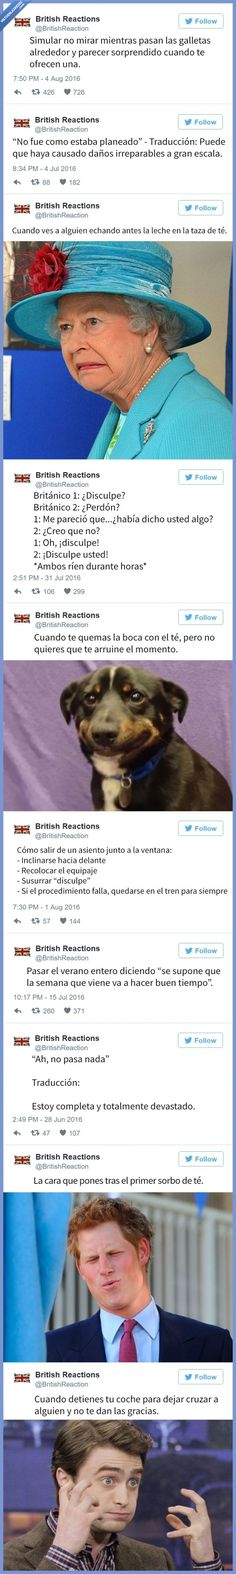 14 Divertidos y certeros tuits que resumen lo que es ser británico   Gracias a http://www.vistoenlasredes.com/   Si quieres leer la noticia completa visita: http://www.estoy-aburrido.com/14-divertidos-y-certeros-tuits-que-resumen-lo-que-es-ser-britanico/